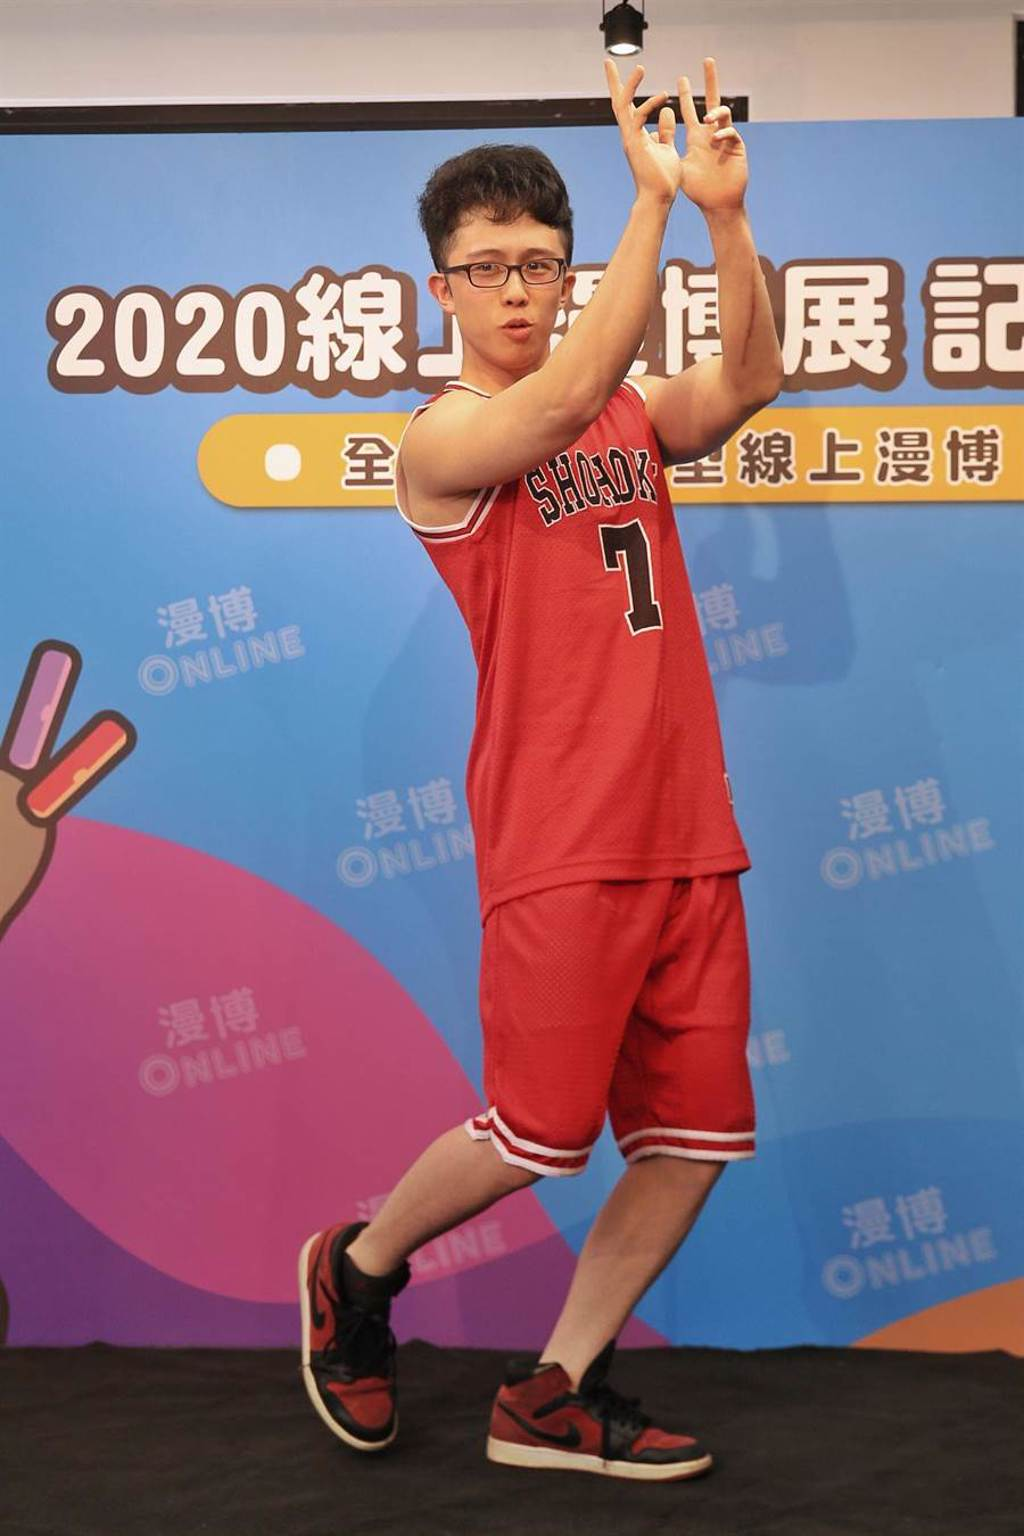 藝人孫安佐Cosplay為《灌籃高手》中的「宮城良田」一角,示範如何直播販售周邊商品。(杜宜諳攝)